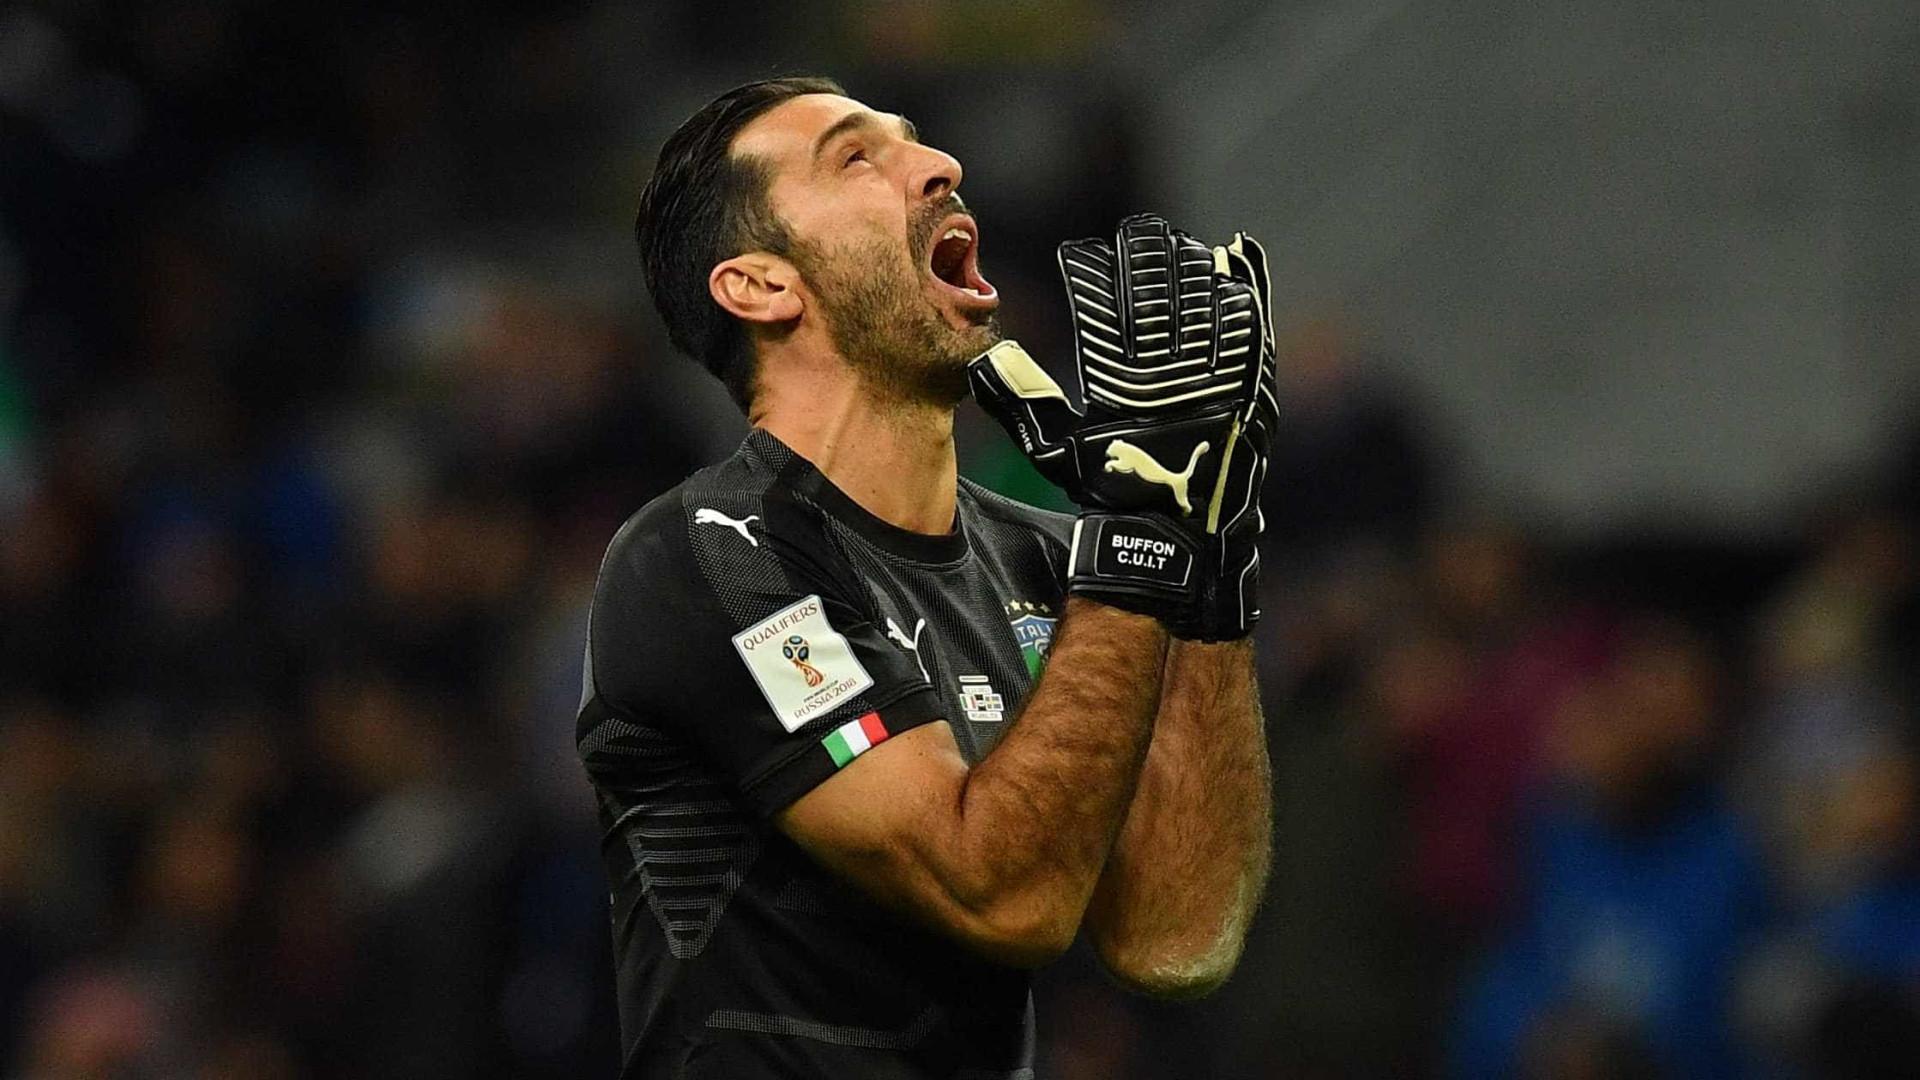 Buffon se despede da seleção italiana às lágrimas: 'Desgosto'